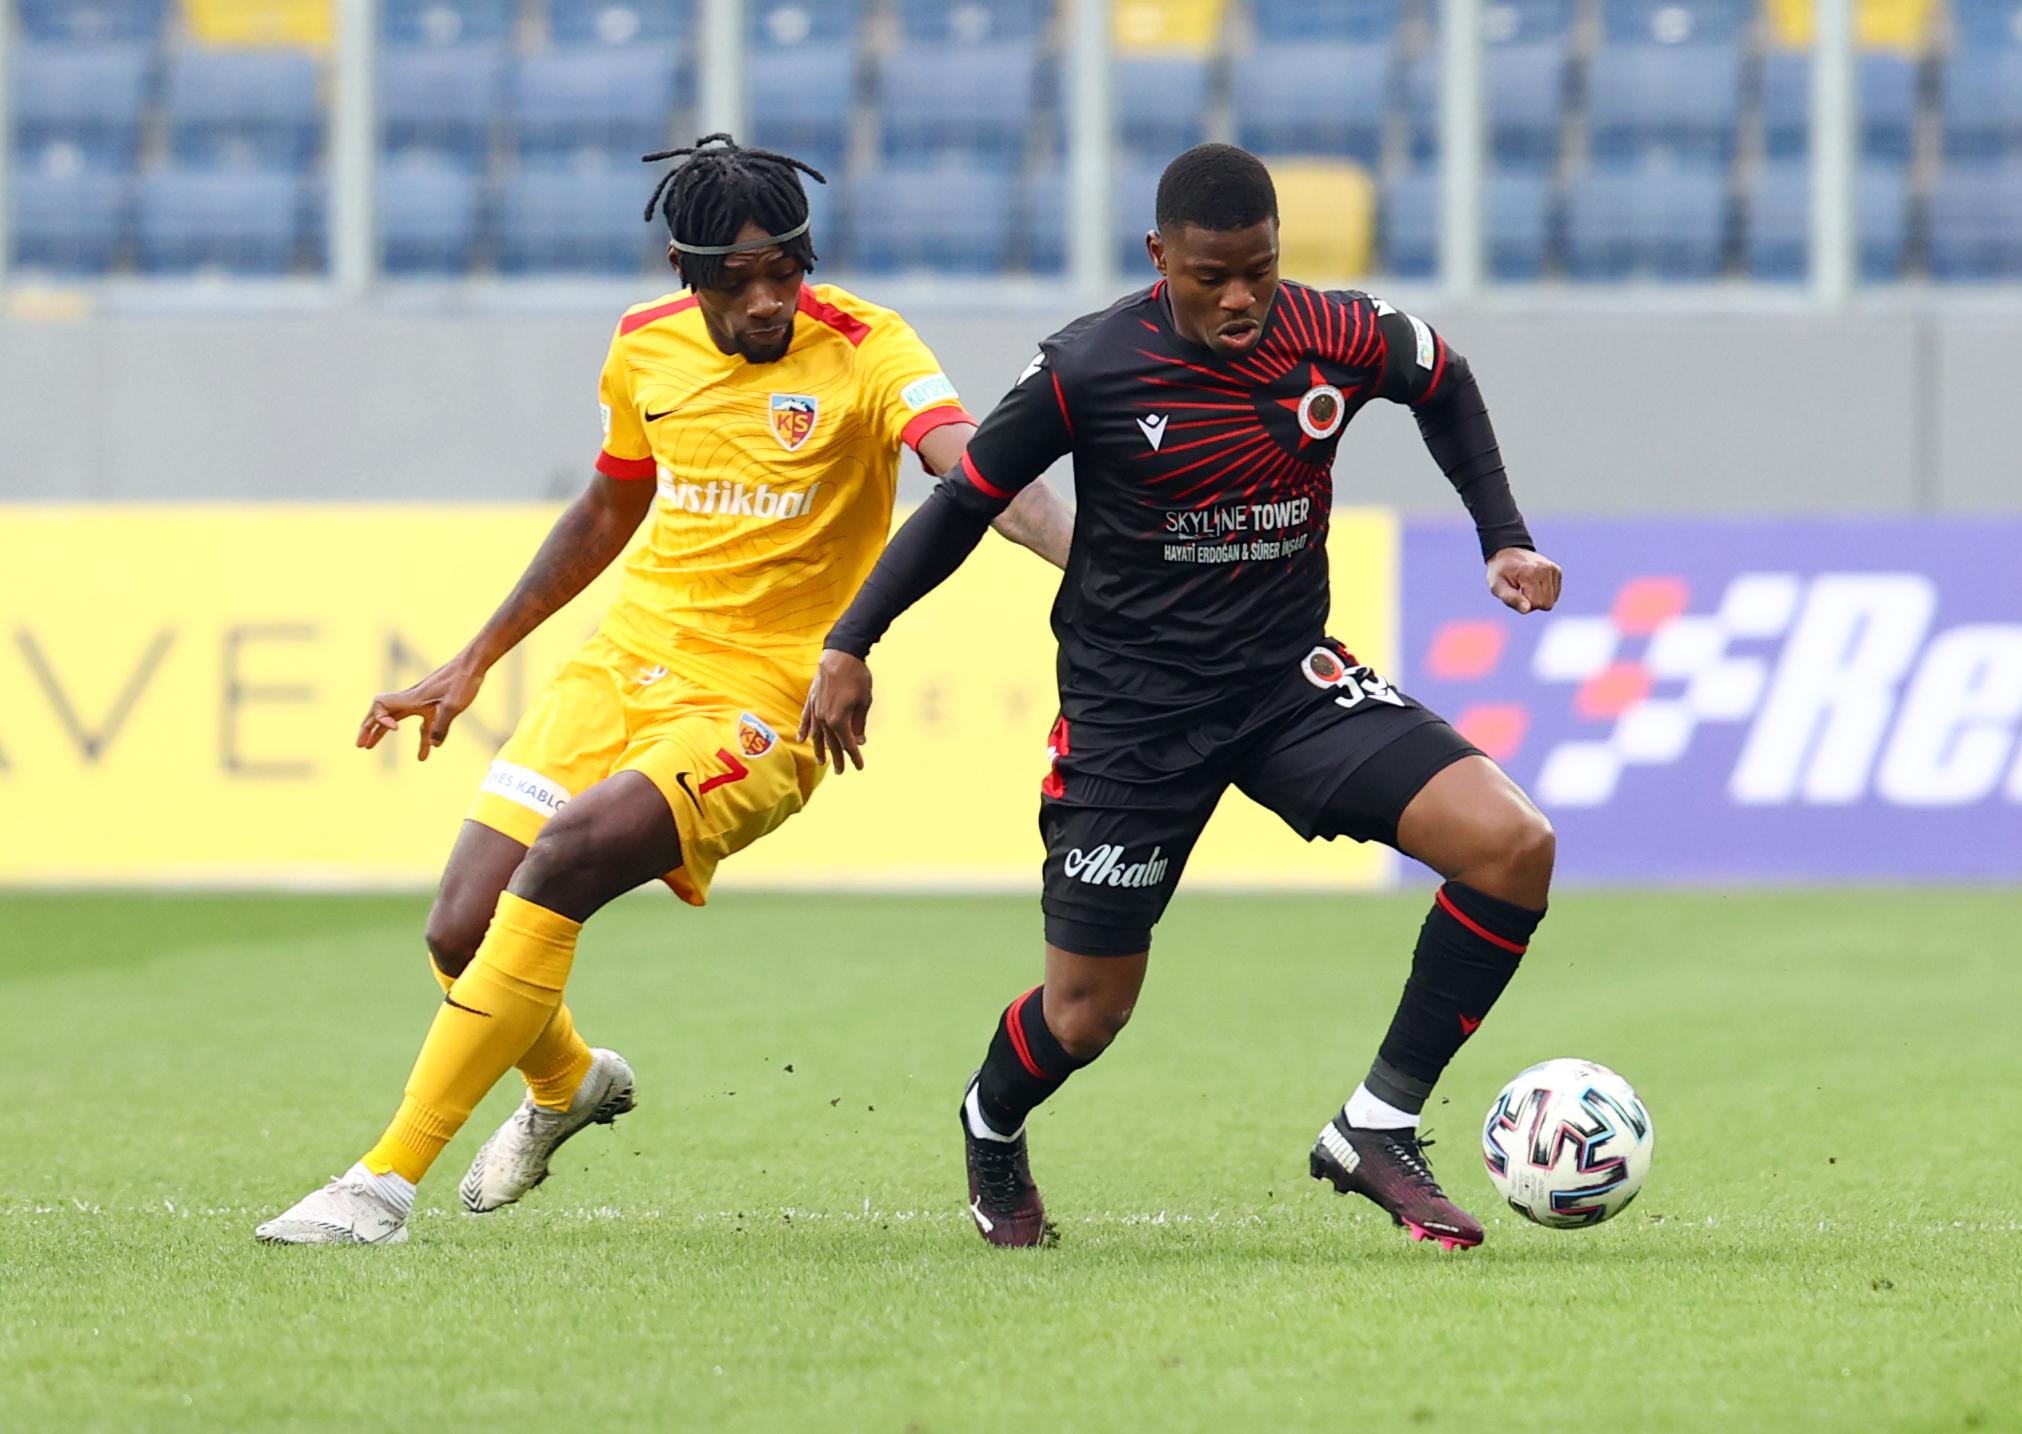 Gençlerbirliği Kayserispor maç özeti izle | Bein Sports Süper Lig özetler